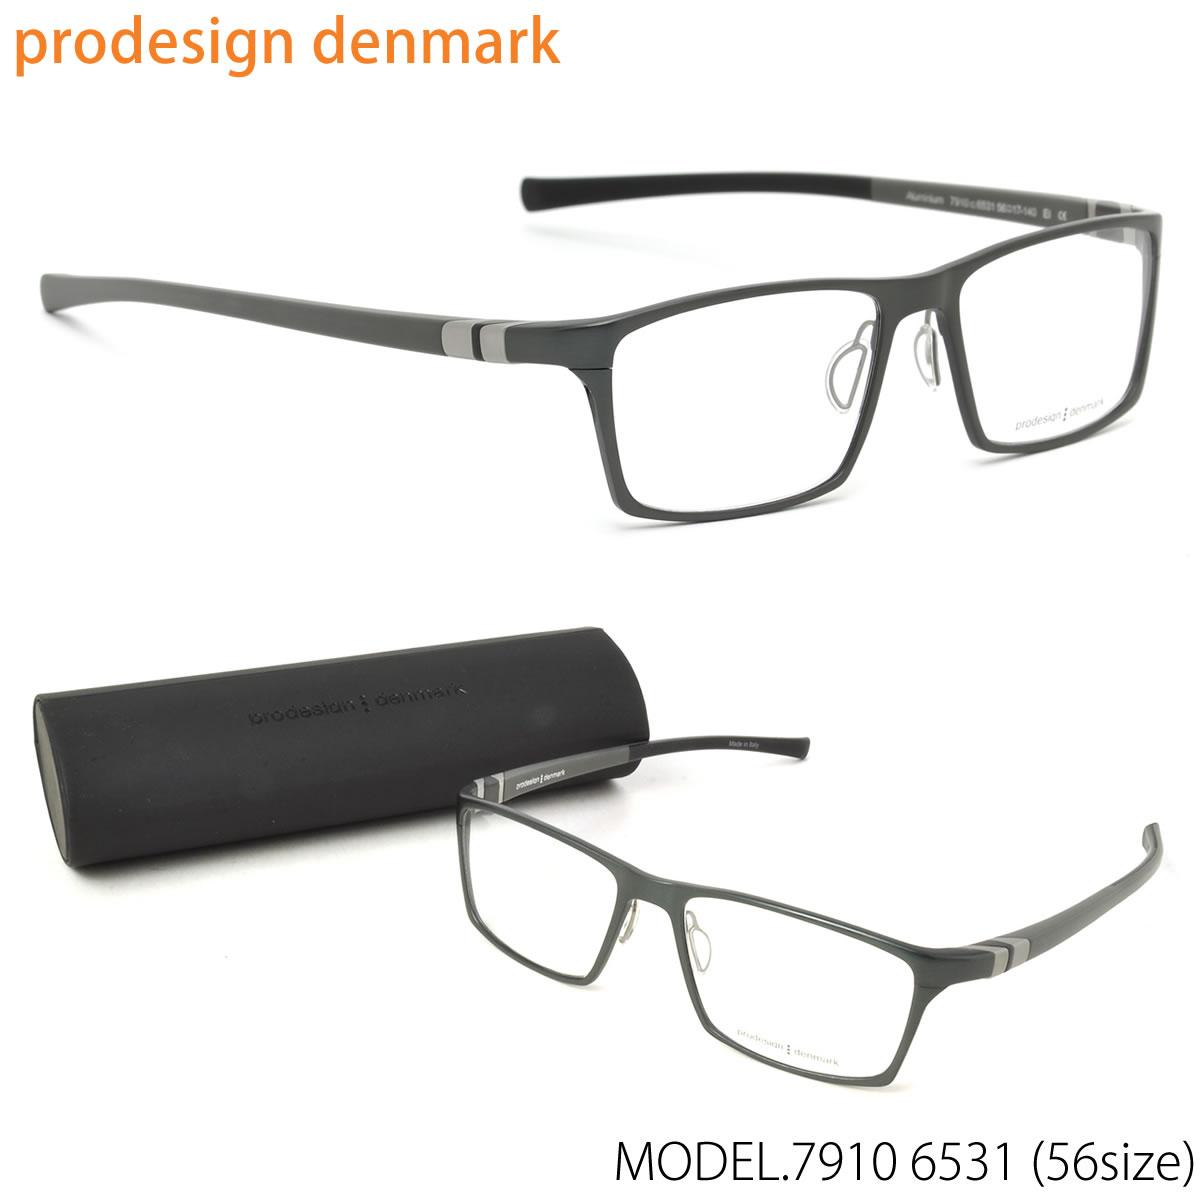 ほぼ全品ポイント15倍~最大43倍+3倍!お得なクーポンも! prodesign:denmark(プロデザインデンマーク) メガネ フレーム 7910 6531 56 北欧 アイウェアオブザイヤー 伊達メガネレンズ無料 プロデザインデンマーク prodesign:denmark